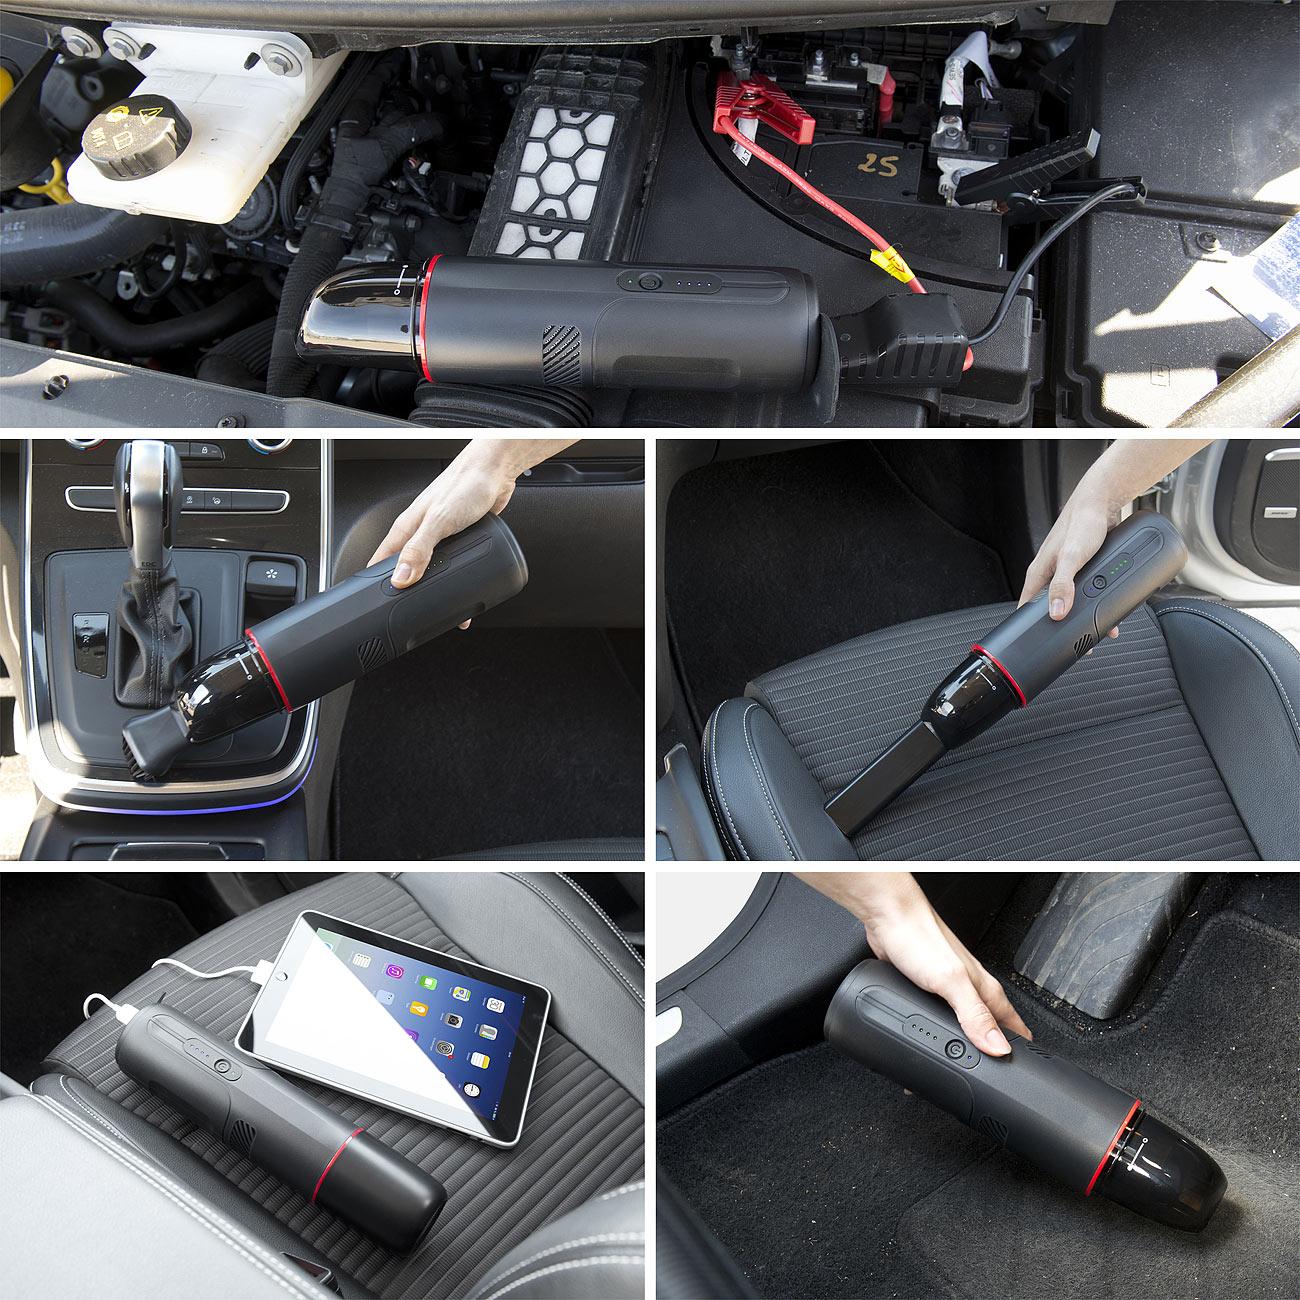 revolt 3in1-Kfz-Starthilfe PB-300.multi, Staubsauger & USB-Powerbank, www.pearl.de